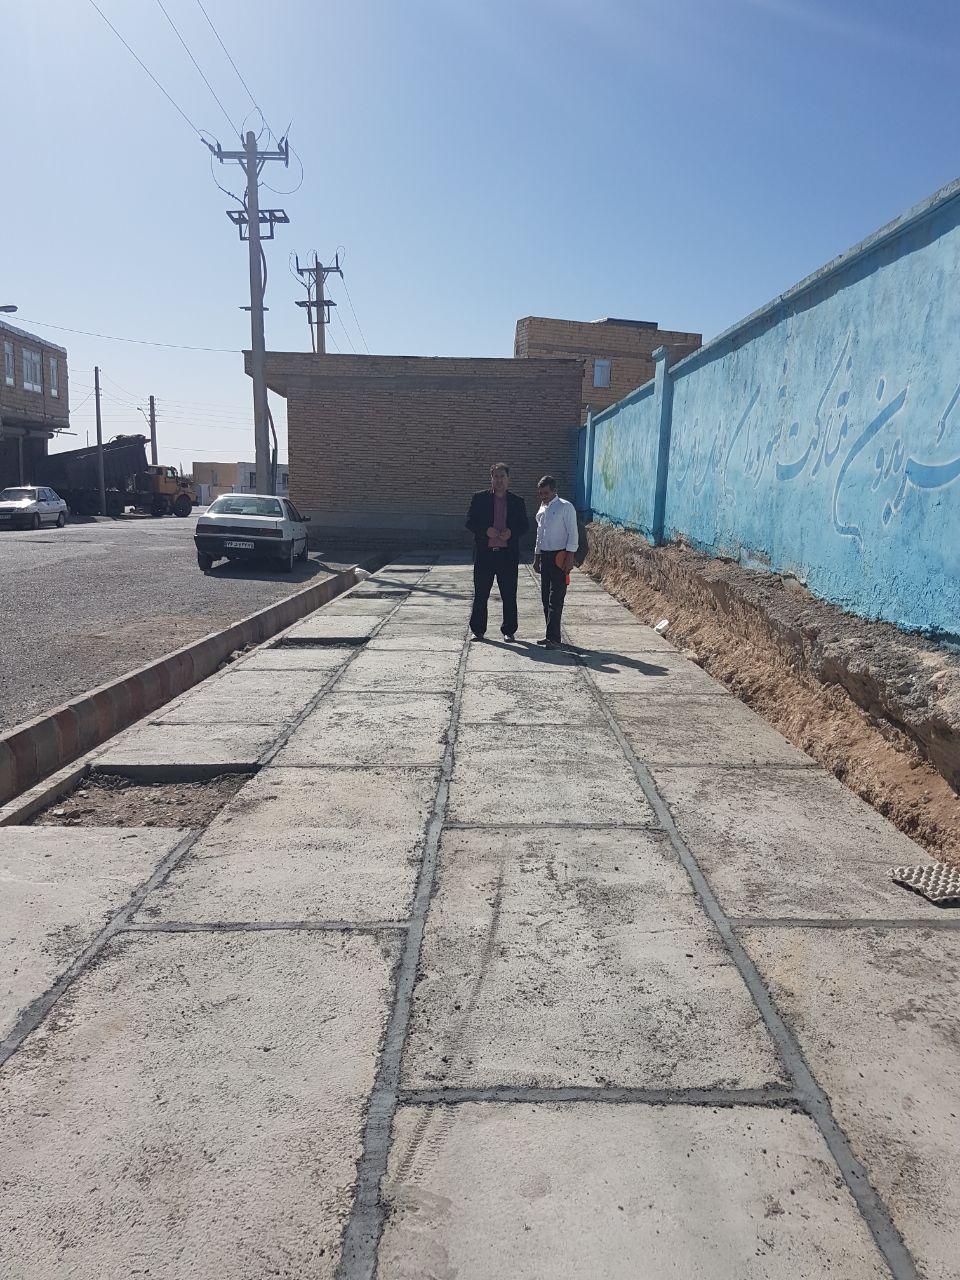 اجرای عملیات ترمیم پیاده روی خیابان فرهنگیان